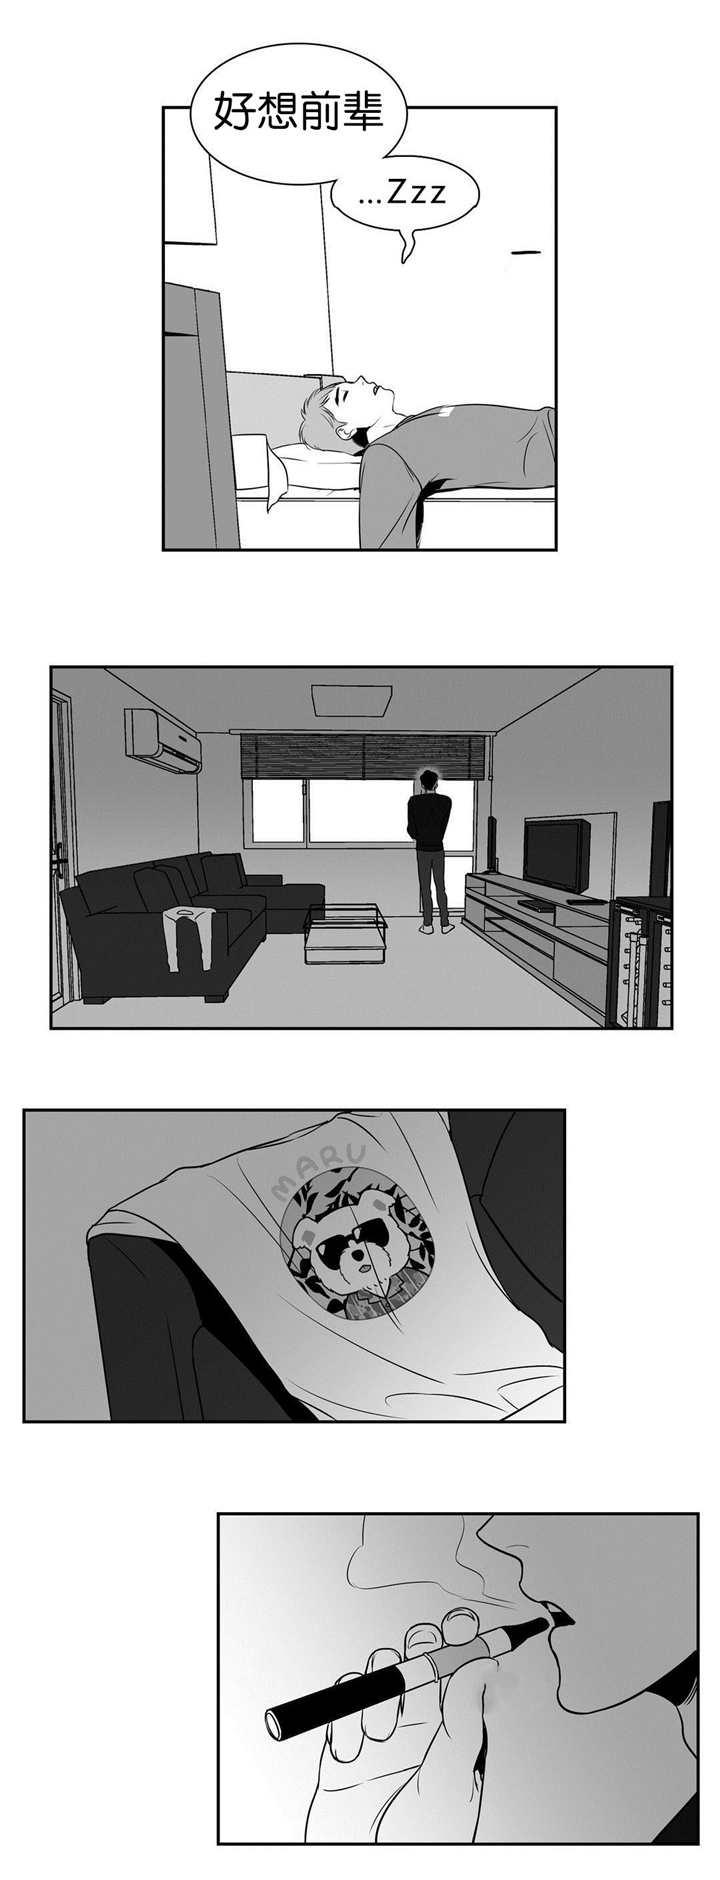 《我的主播男友》漫画全集,在线免费阅读!